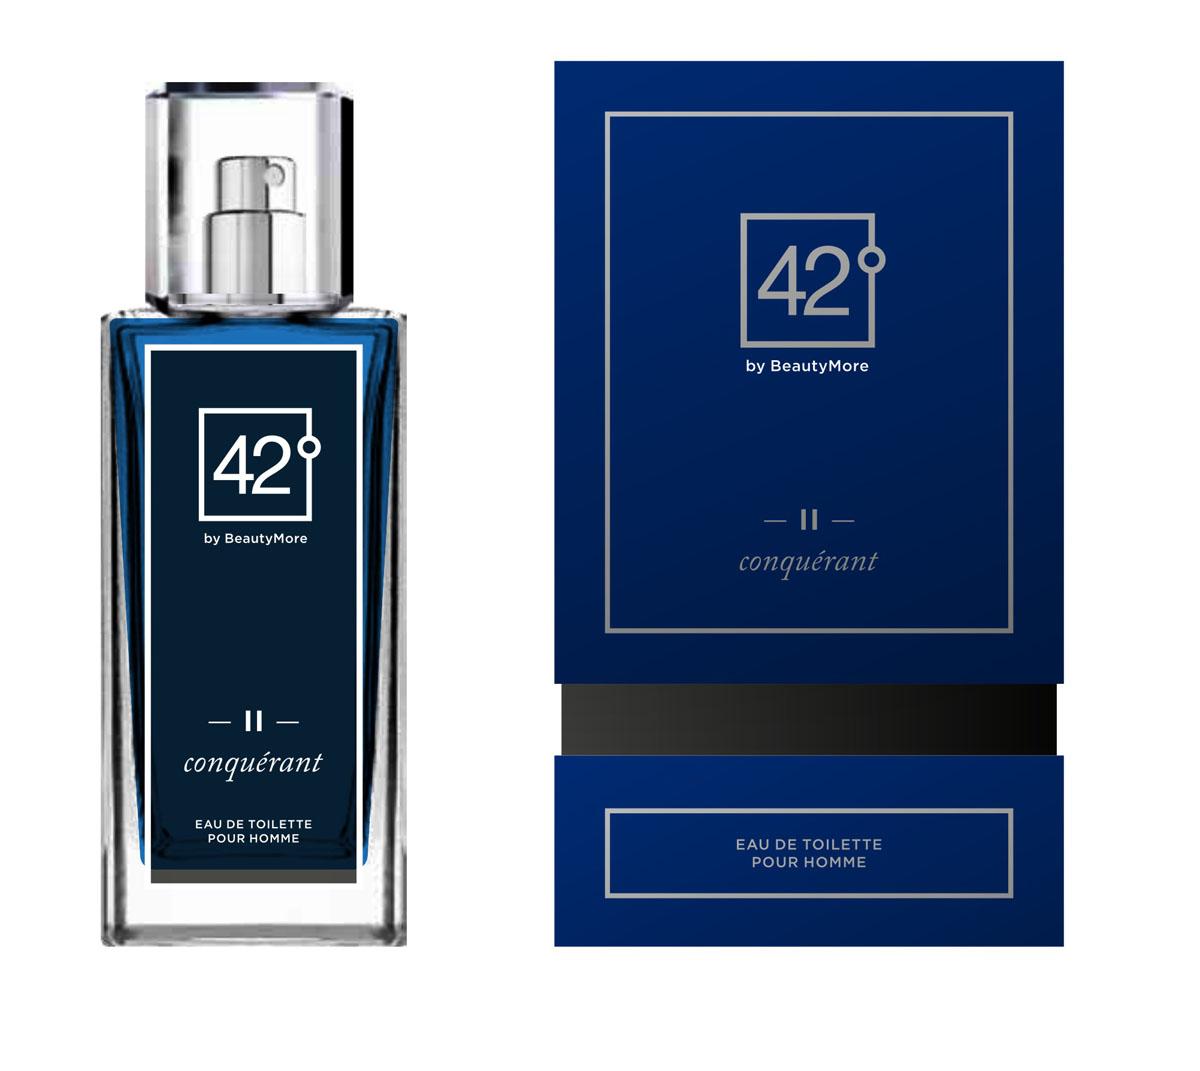 Fragrance 42 Туалетная вода для мужчин II Conquerant 100 мл42-96158Конкьюрант - аромат созданный для настоящих,решительных, мужчин,уверенных в себе и смело покоряющих любые цели. Этот аромат станет завершающей ноткой в вашем неотразимом образе. Верхняя нота-грейпфрут,мандарин,морские нотынота сердца - лавровый лист,жасмин,базовые ноты - Гваяковое дерево,дубовый мох,пачули,серый янтарь